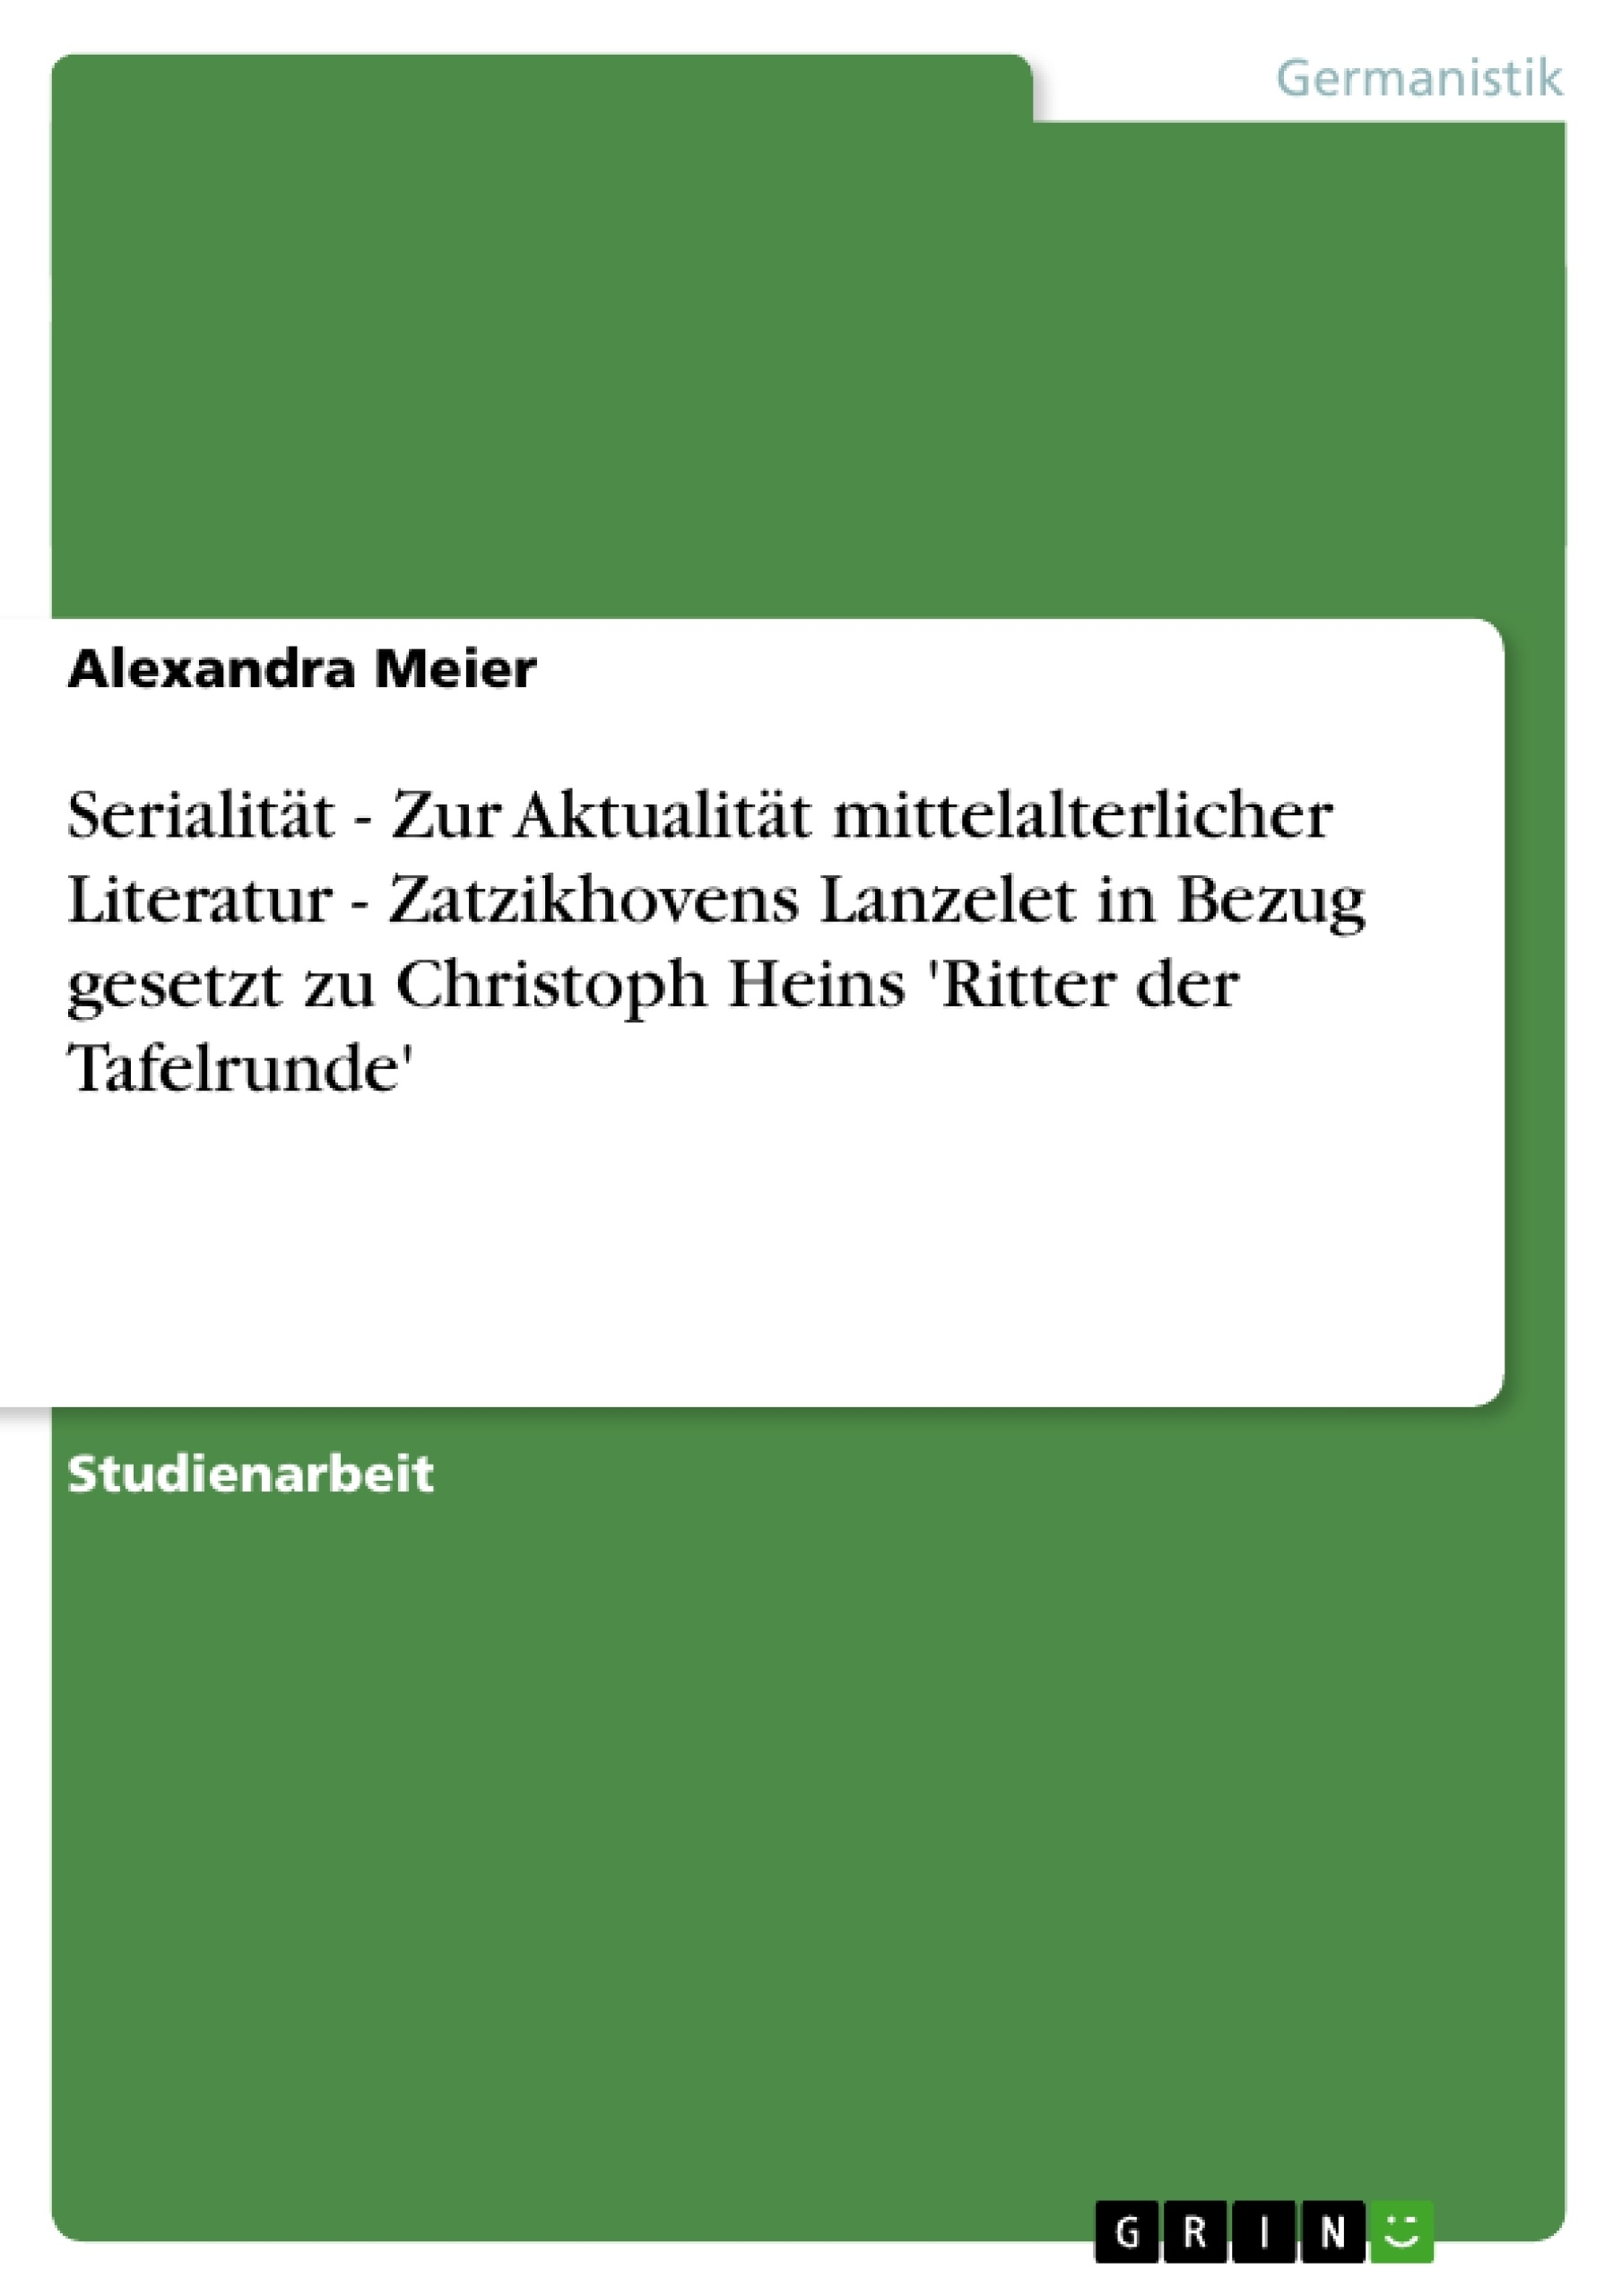 Titel: Serialität - Zur Aktualität mittelalterlicher Literatur - Zatzikhovens Lanzelet in Bezug gesetzt zu Christoph Heins 'Ritter der Tafelrunde'